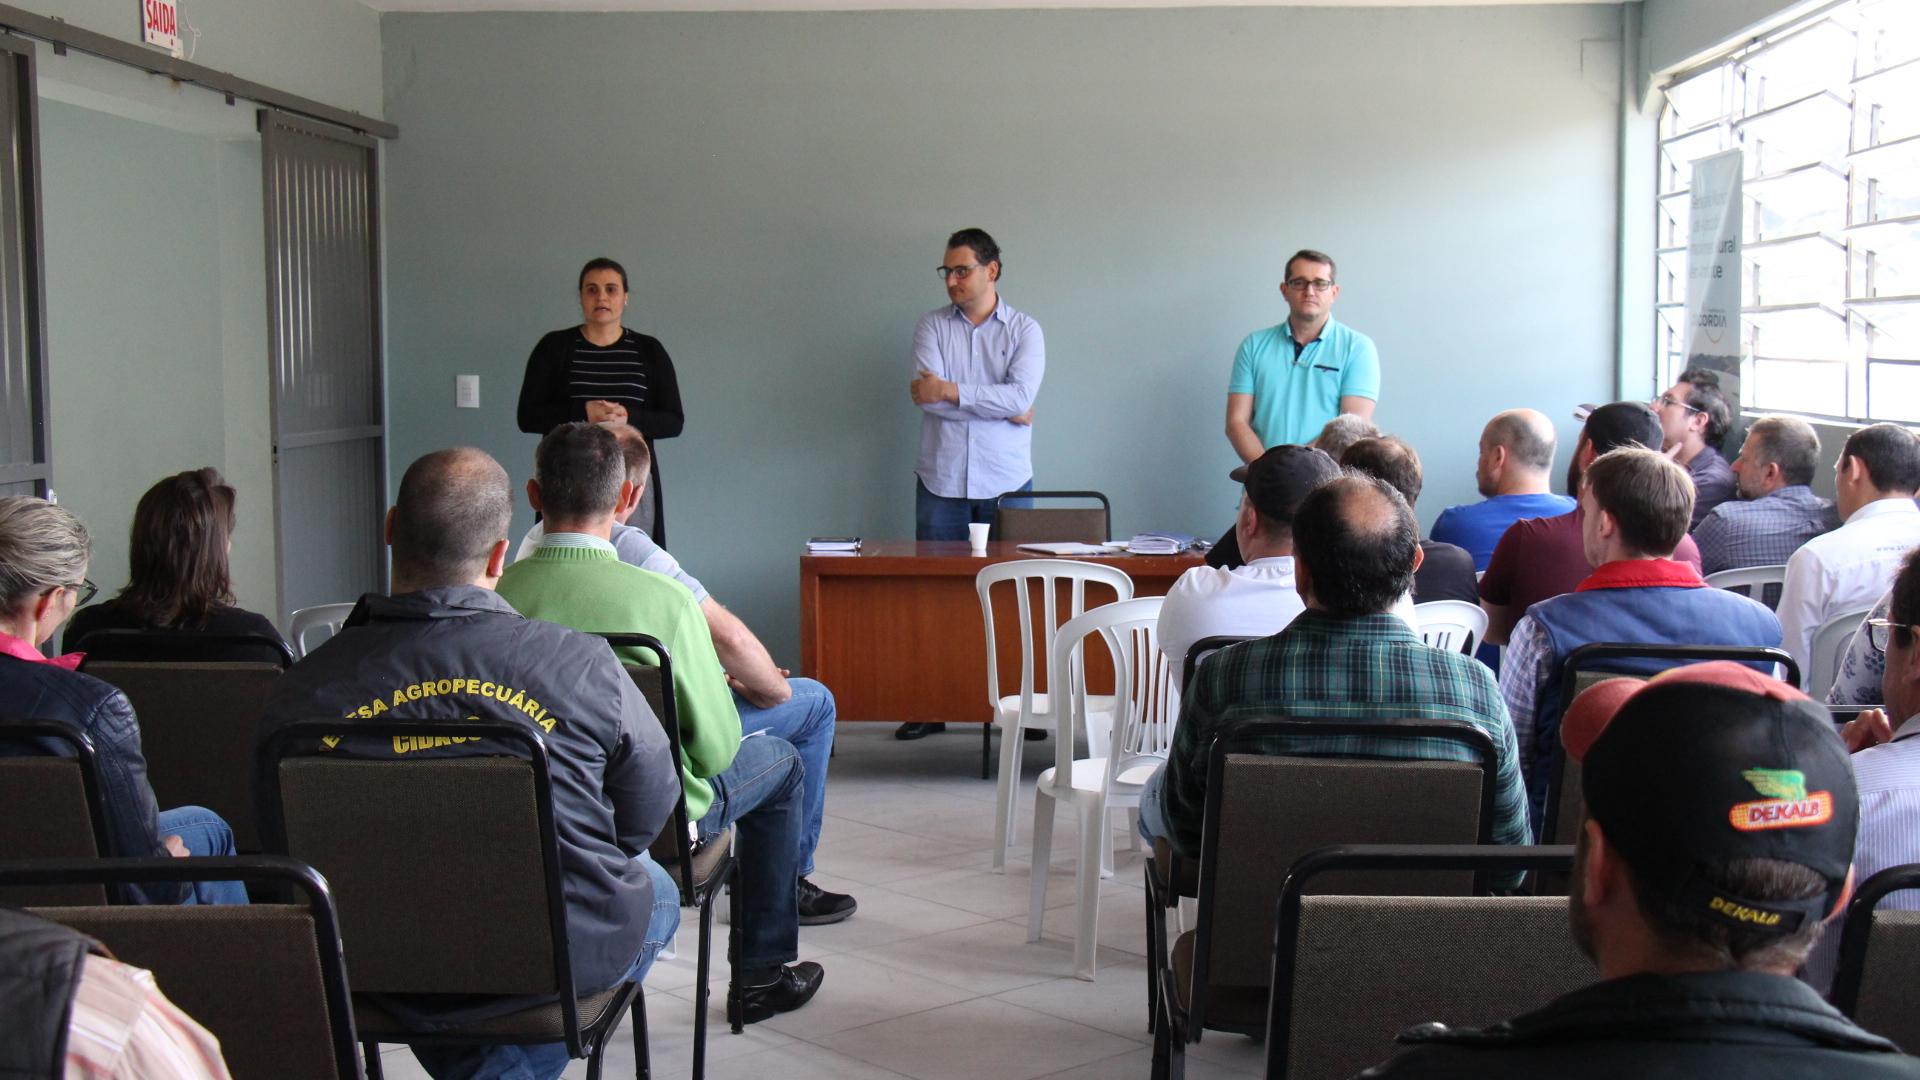 Encontro com expositores do setor agropecuário da Expo Concórdia